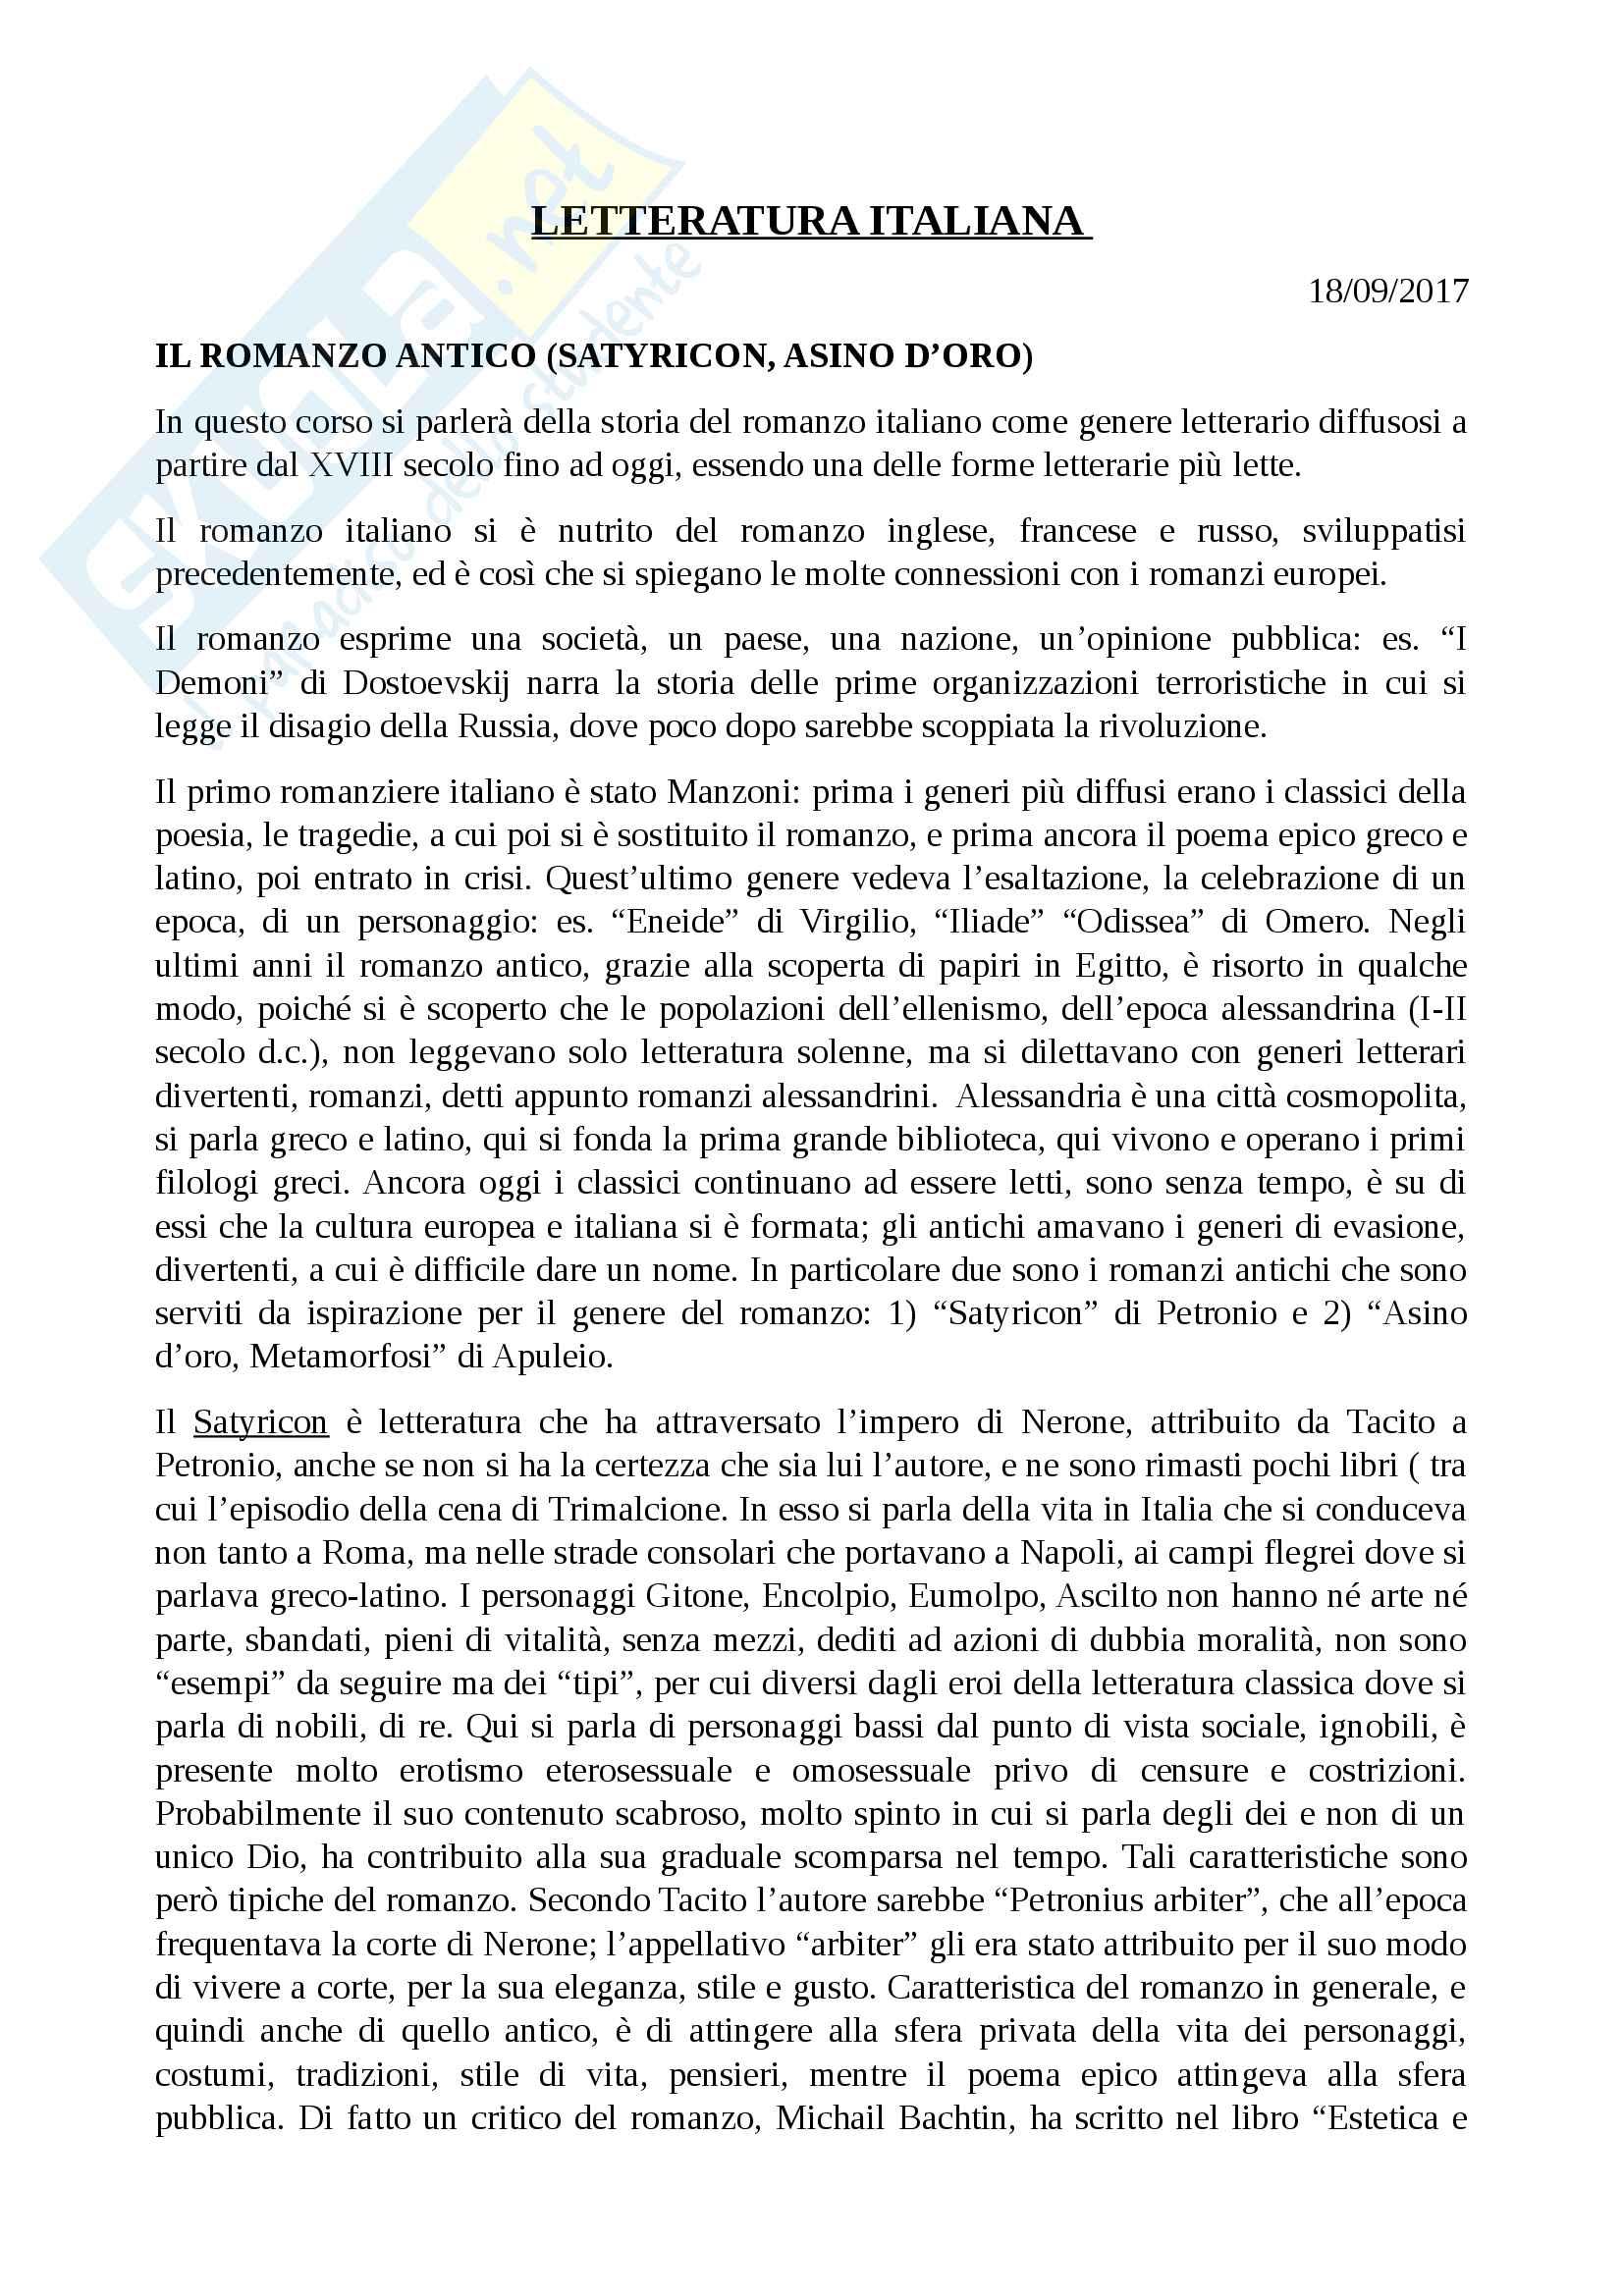 Letteratura italiana - Storia del romanzo italiano Pag. 1